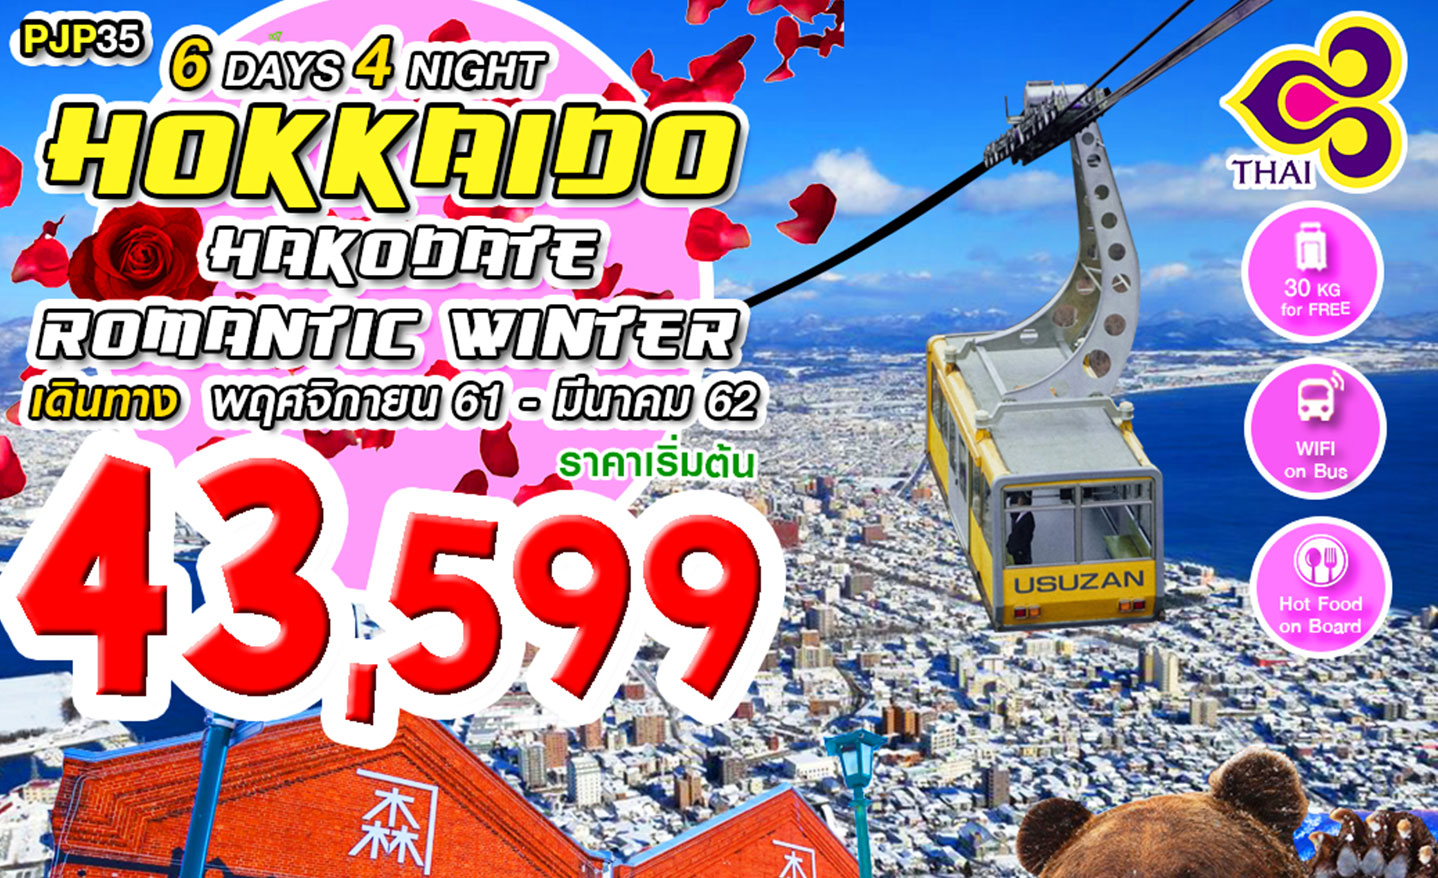 ทัวร์ญี่ปุ่น Hokkaido Hakodate Romantic Winter (พ.ย.61-มี.ค.62)